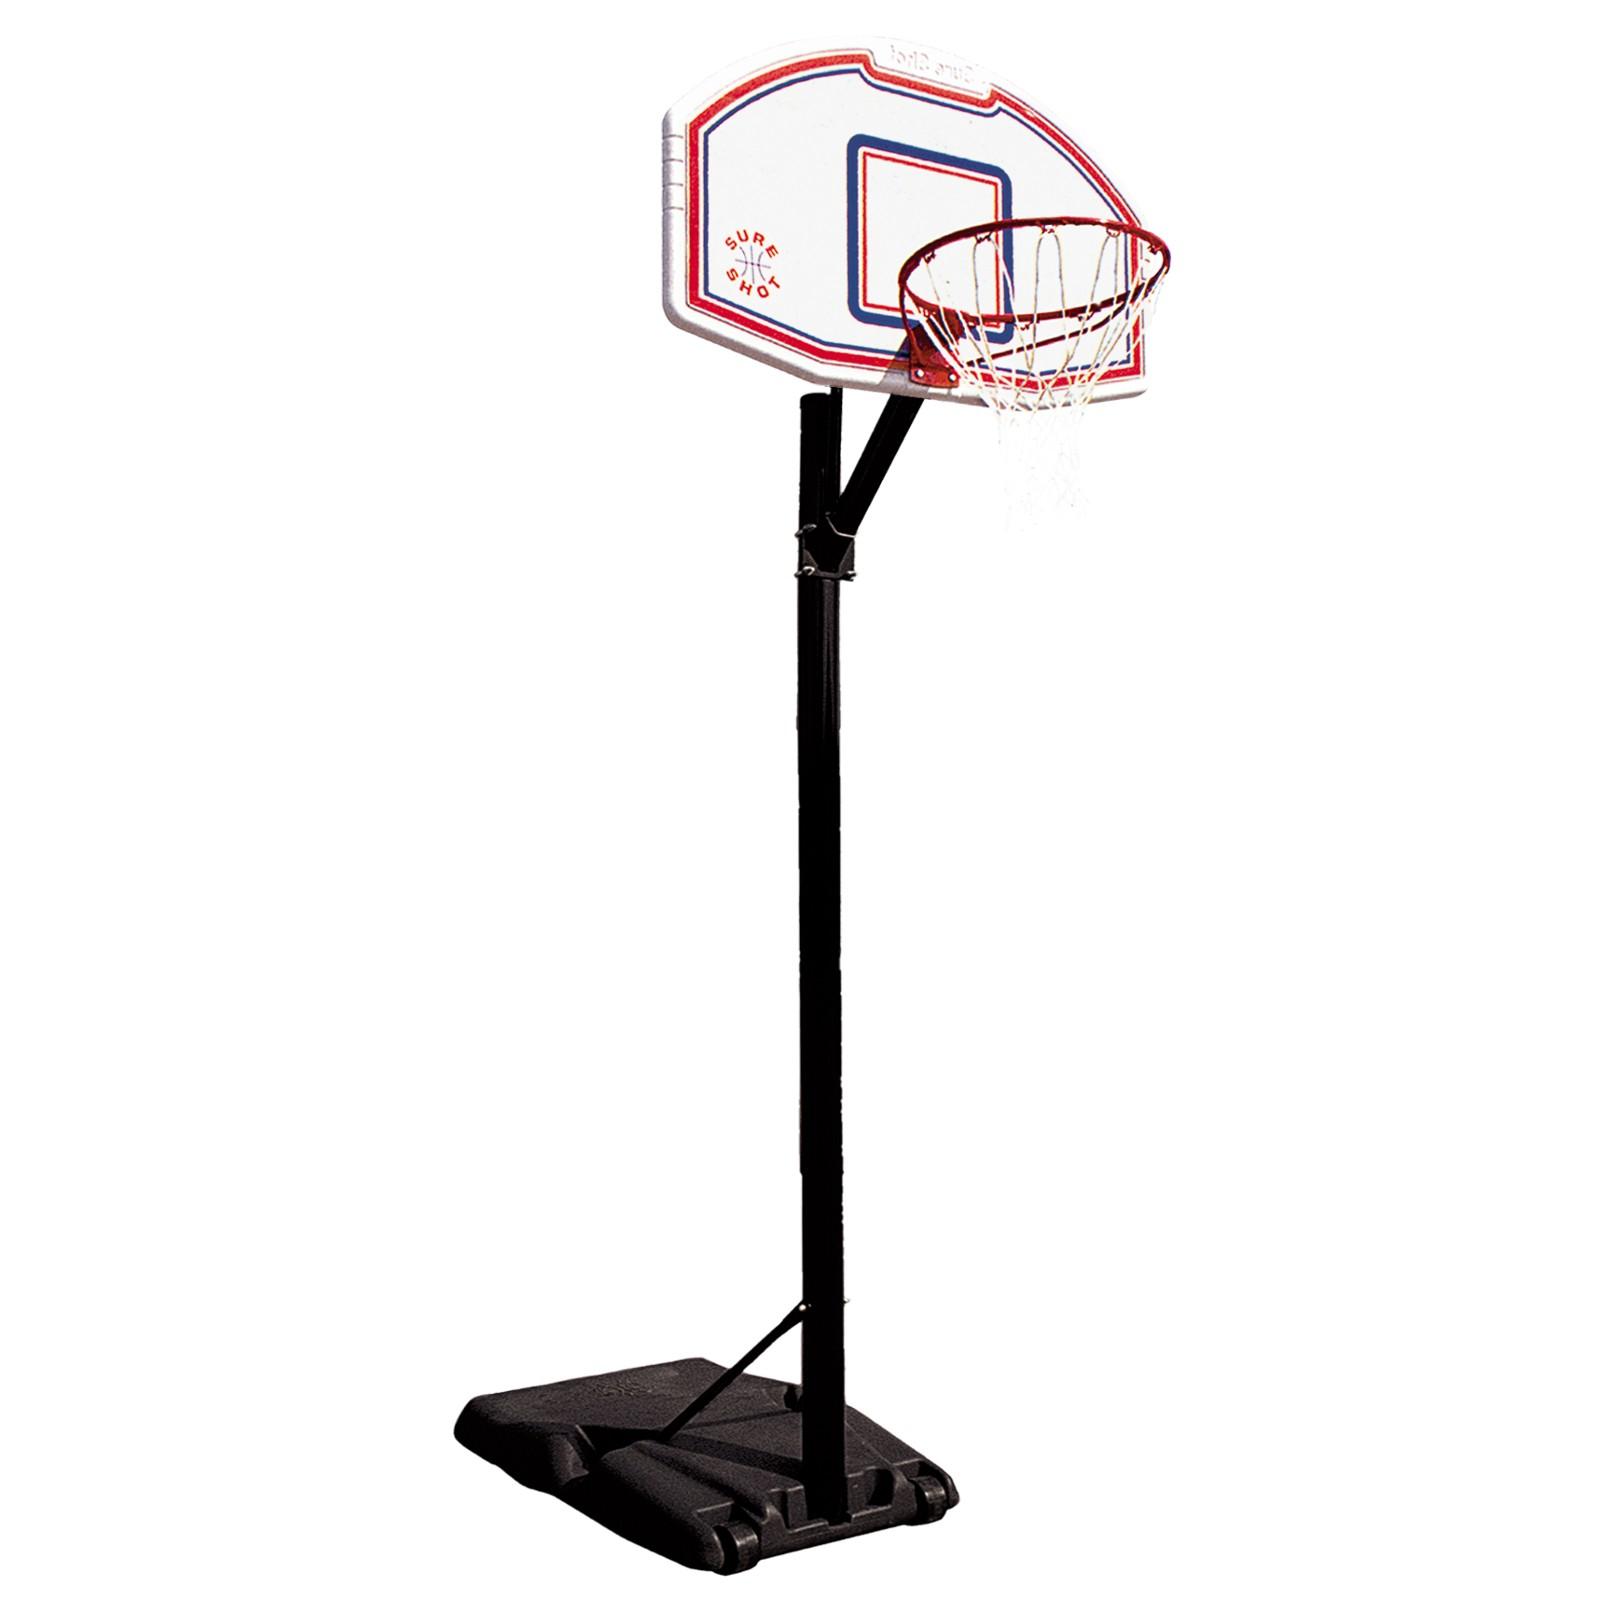 panneau de basket sur pied etan sureshot chicago t fitness. Black Bedroom Furniture Sets. Home Design Ideas